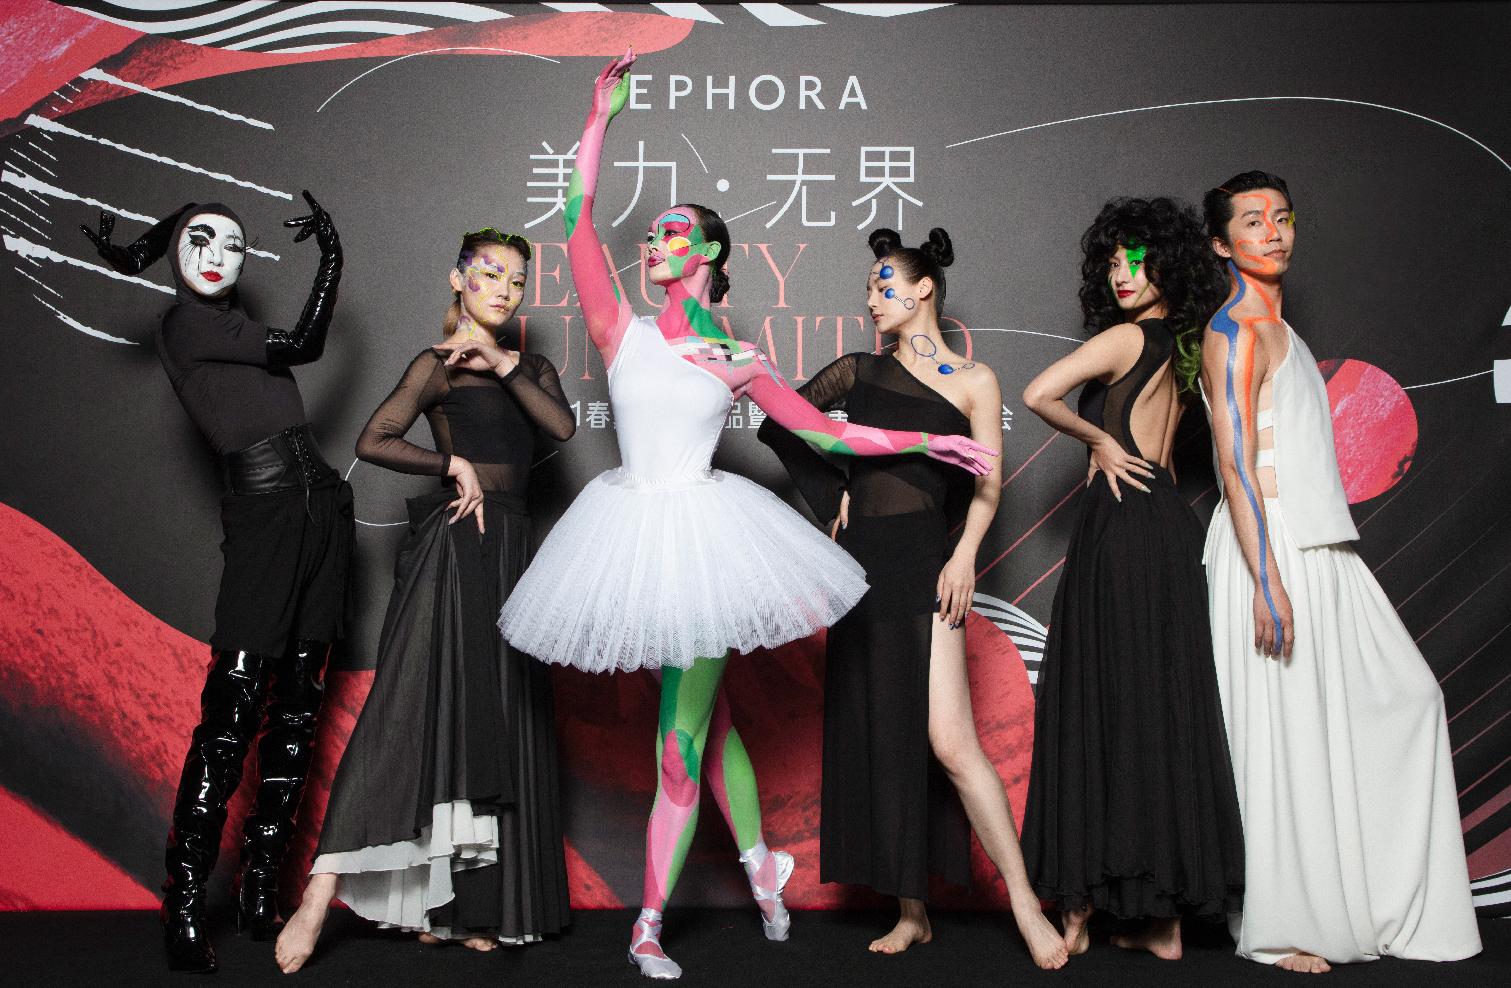 美妆零售市场竞争日益白热化,丝芙兰为何能持续扩大市场份额?